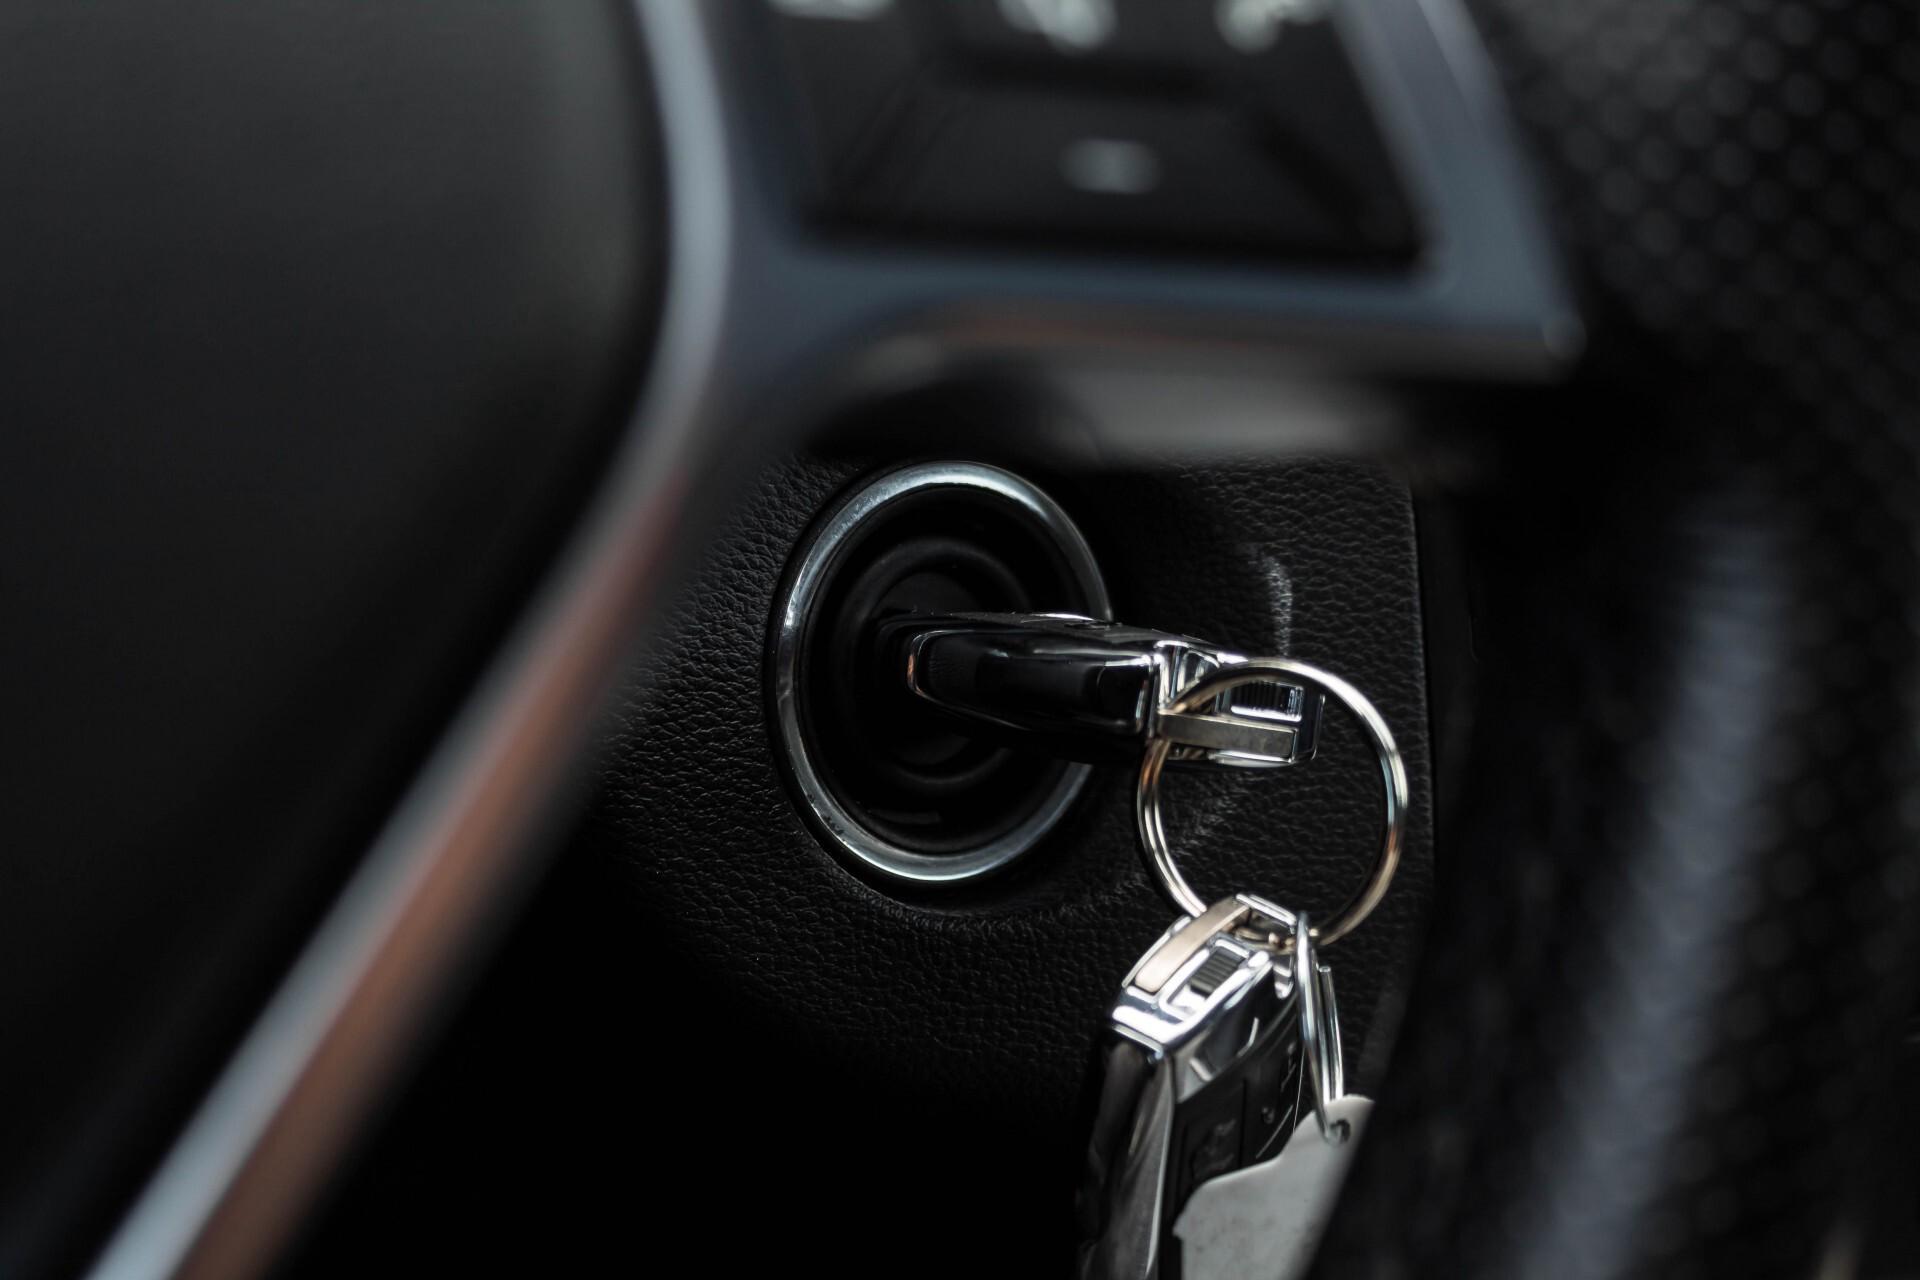 Mercedes-Benz E-Klasse Estate 350 Cdi AMG Luchtvering/Schuifdak/Comand/Harman Kardon/ILS Aut7 Foto 39